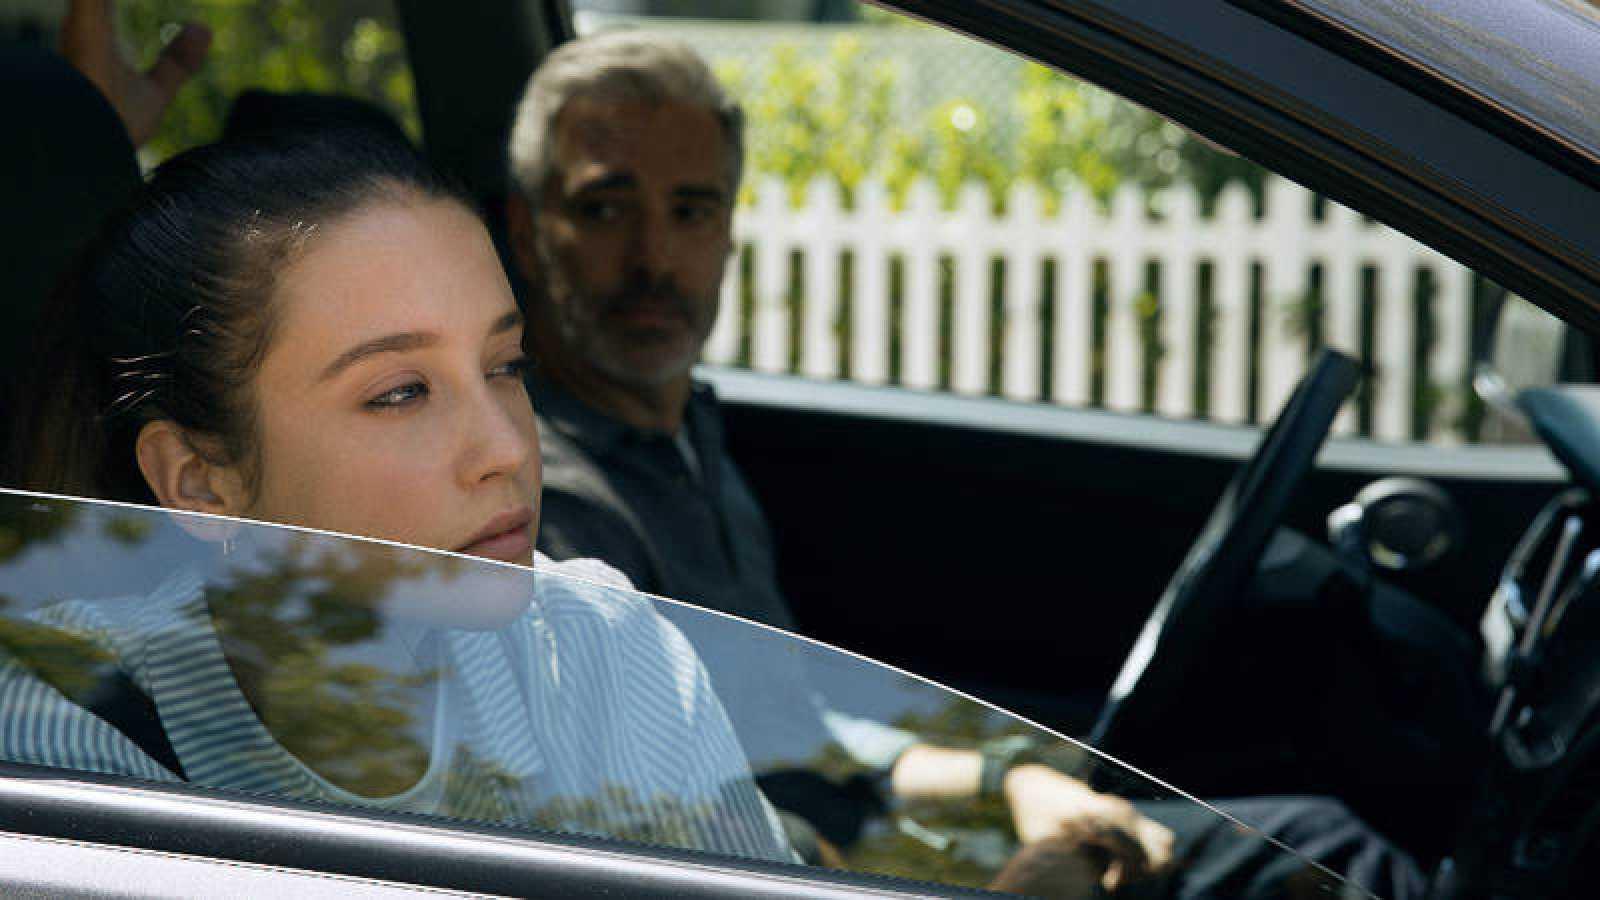 Alba Ruiz (María Pedraza) y Miguel Alonso (Adriá Collado) llegan al barrio residencial Sotocruz